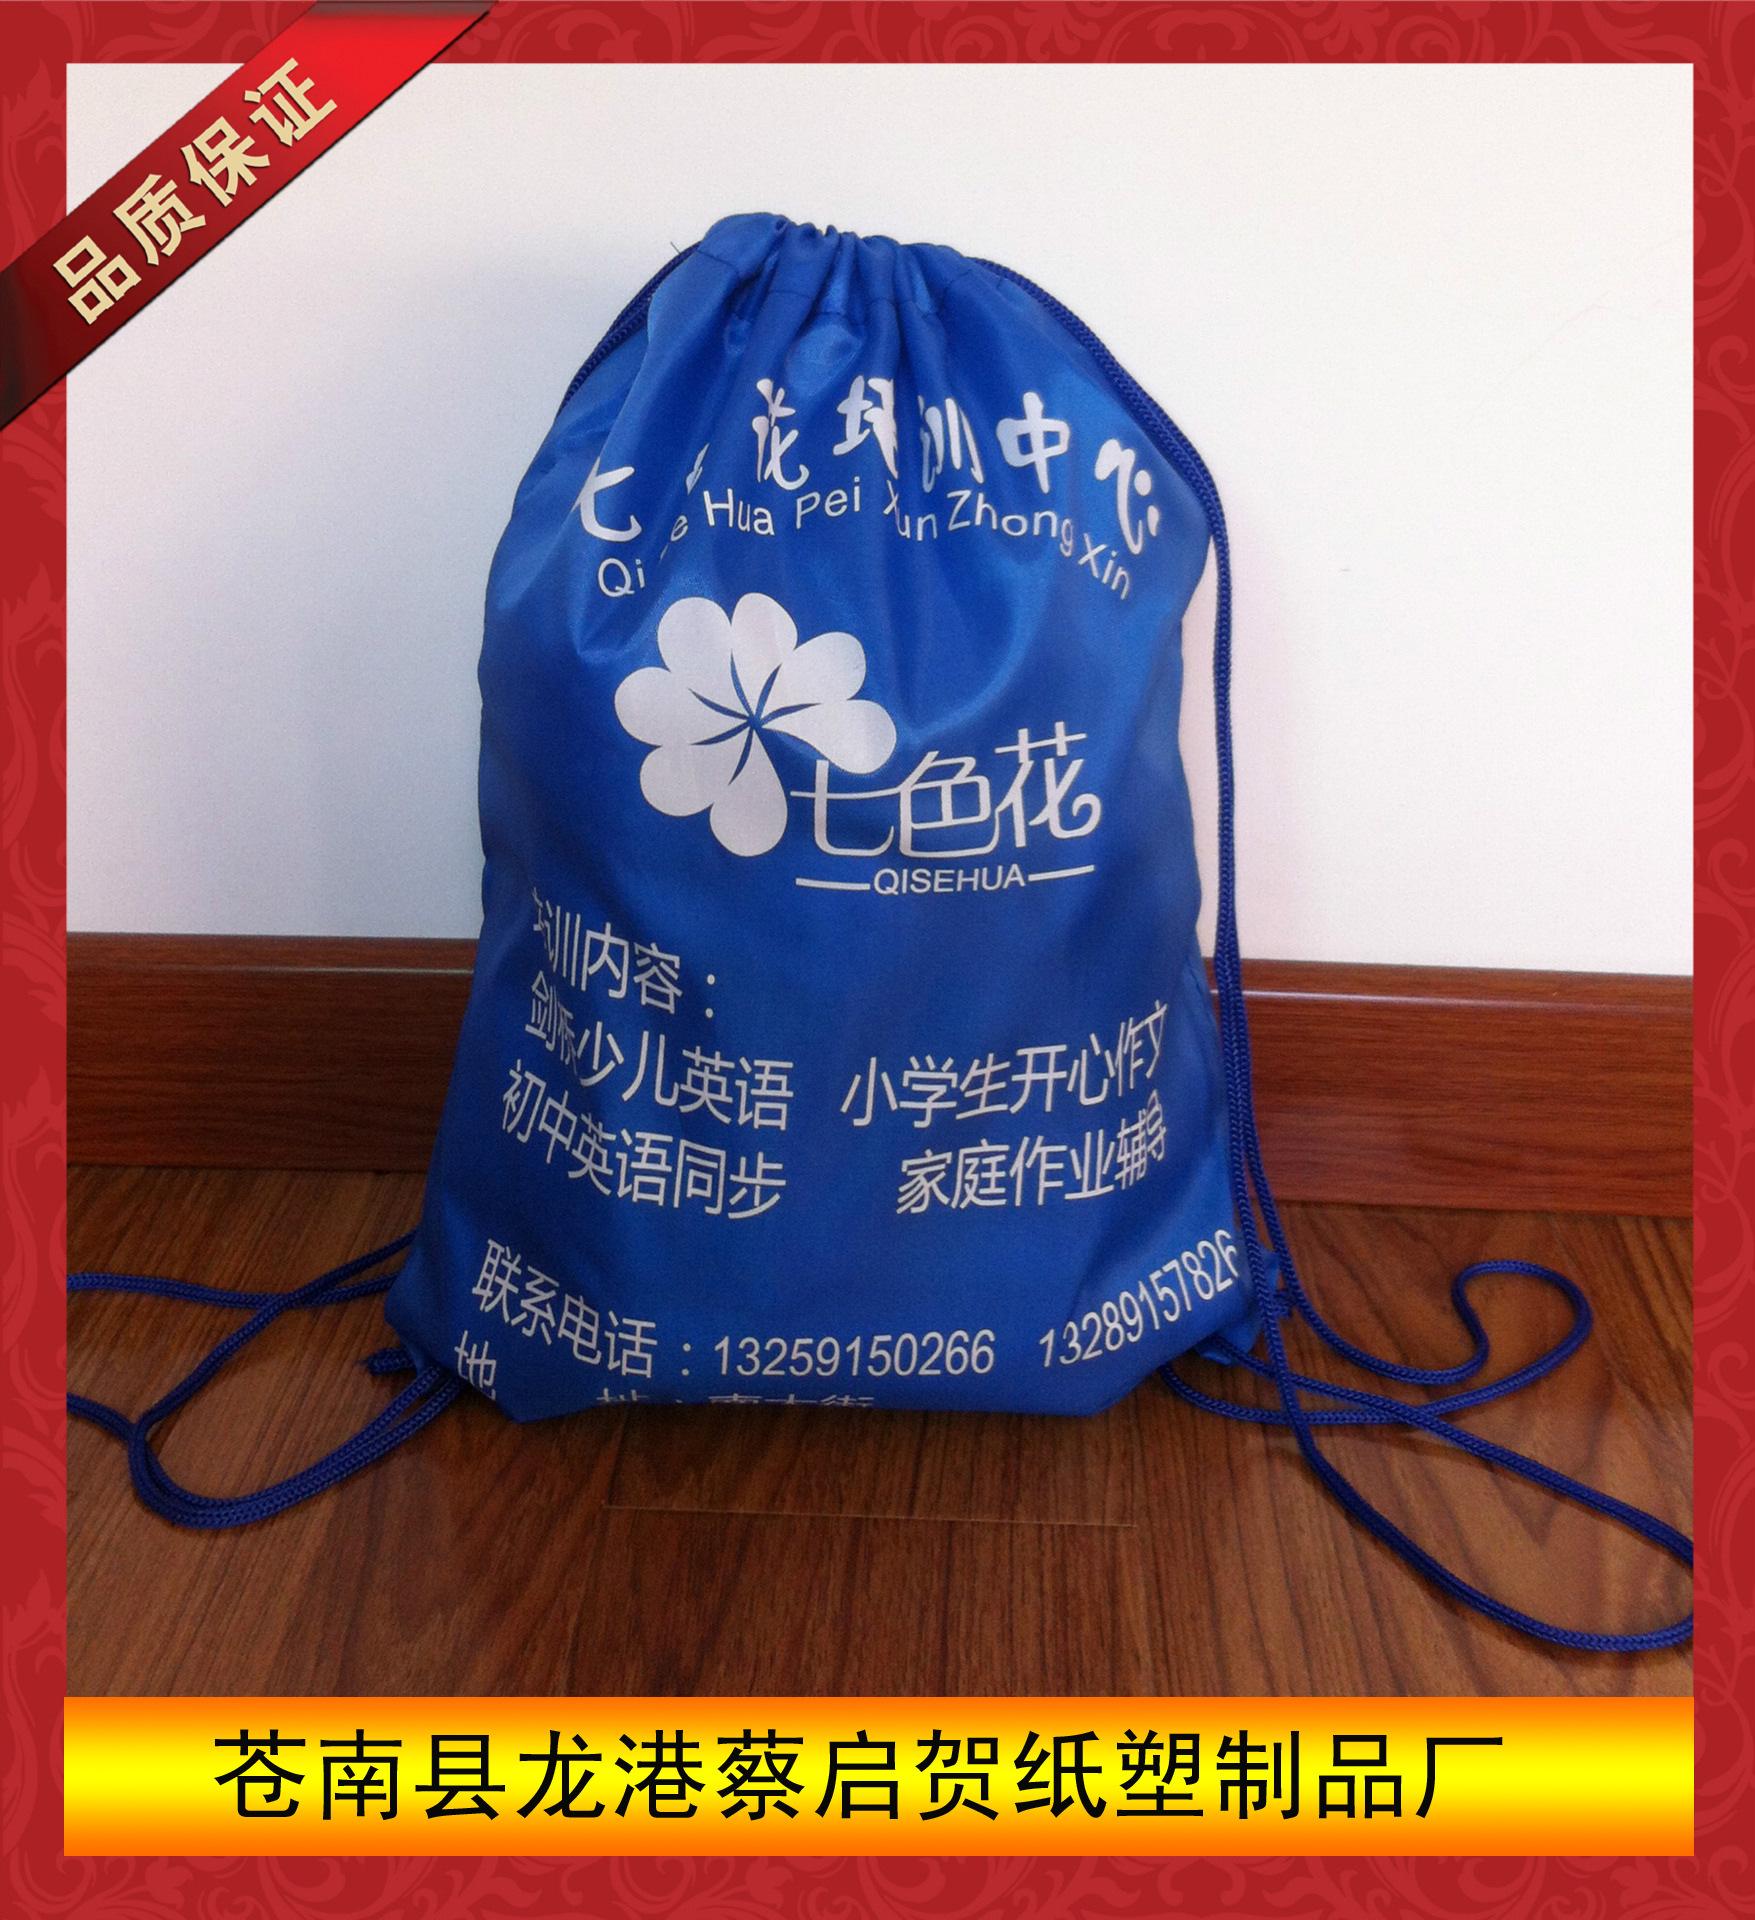 厂家定做210涤纶布拉绳袋 束口袋 涤纶布抽绳袋子 无纺布拉绳袋